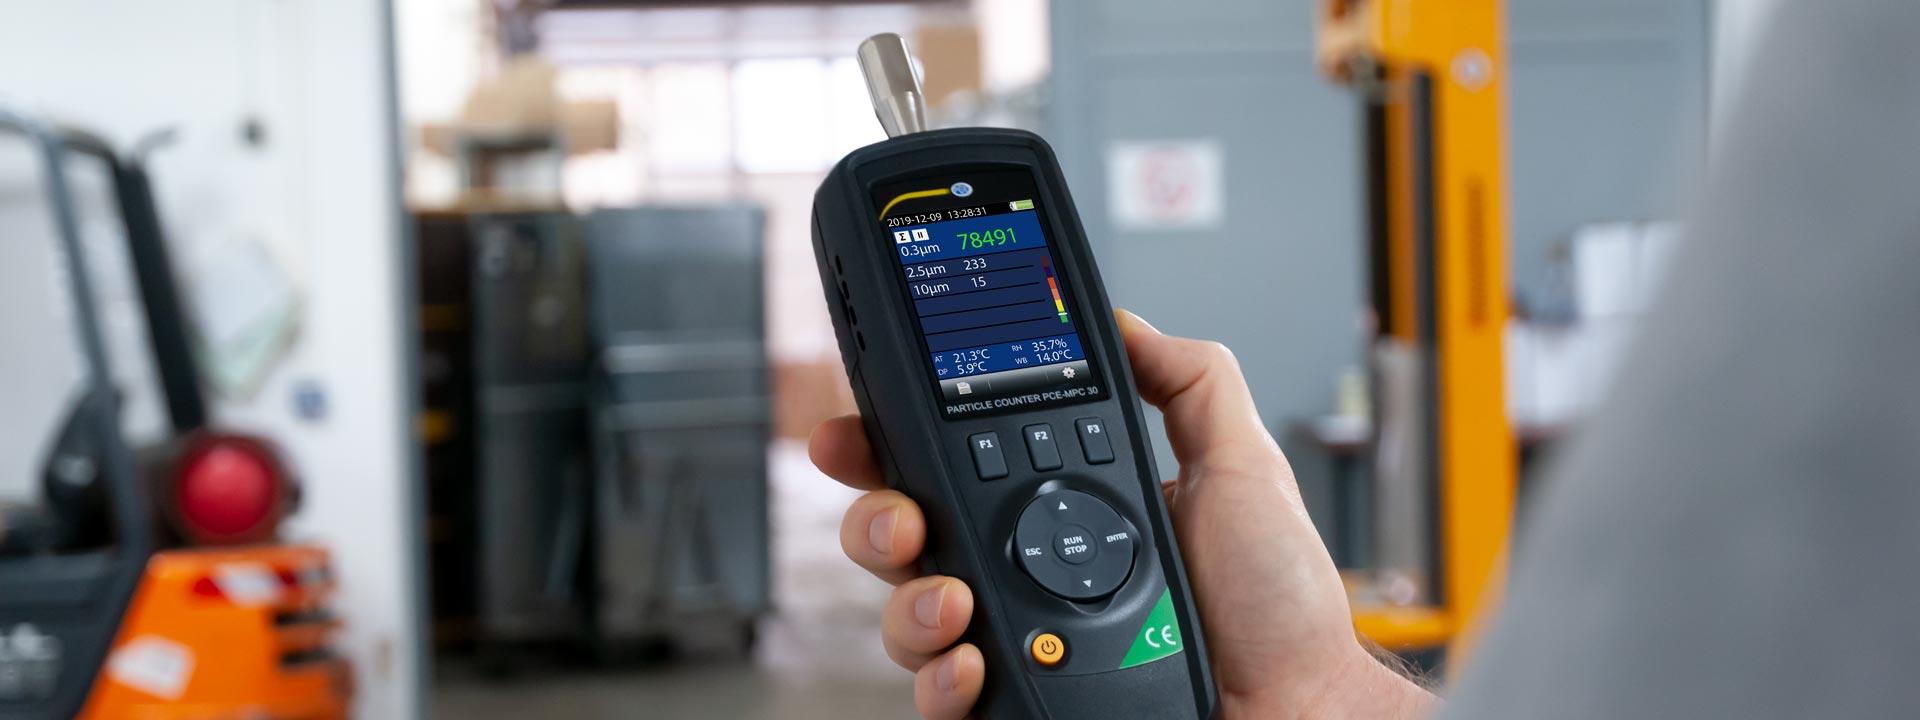 Mesureur de la qualité de l'air de PCE Instruments.